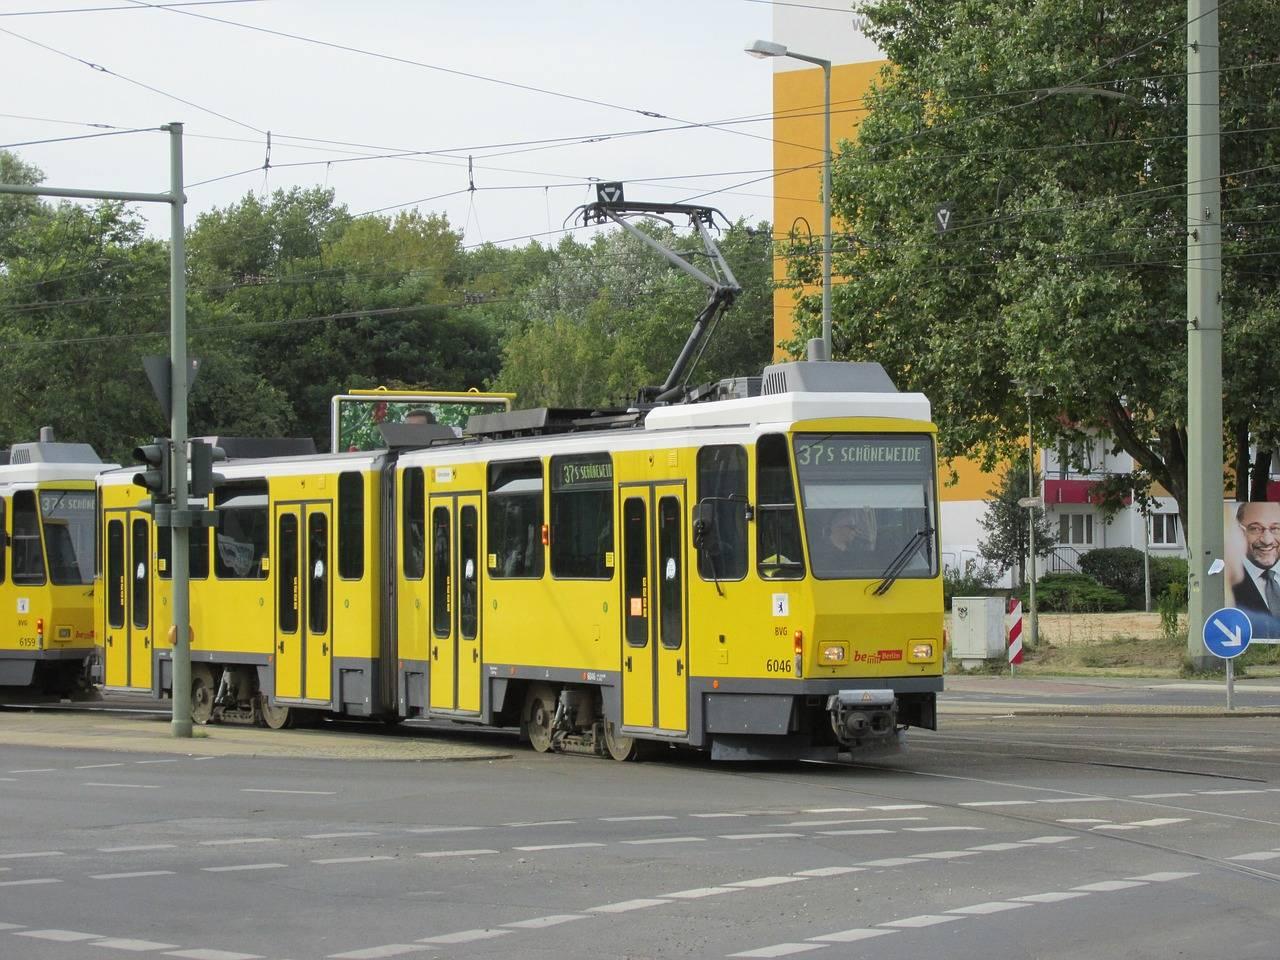 Транспорт берлина